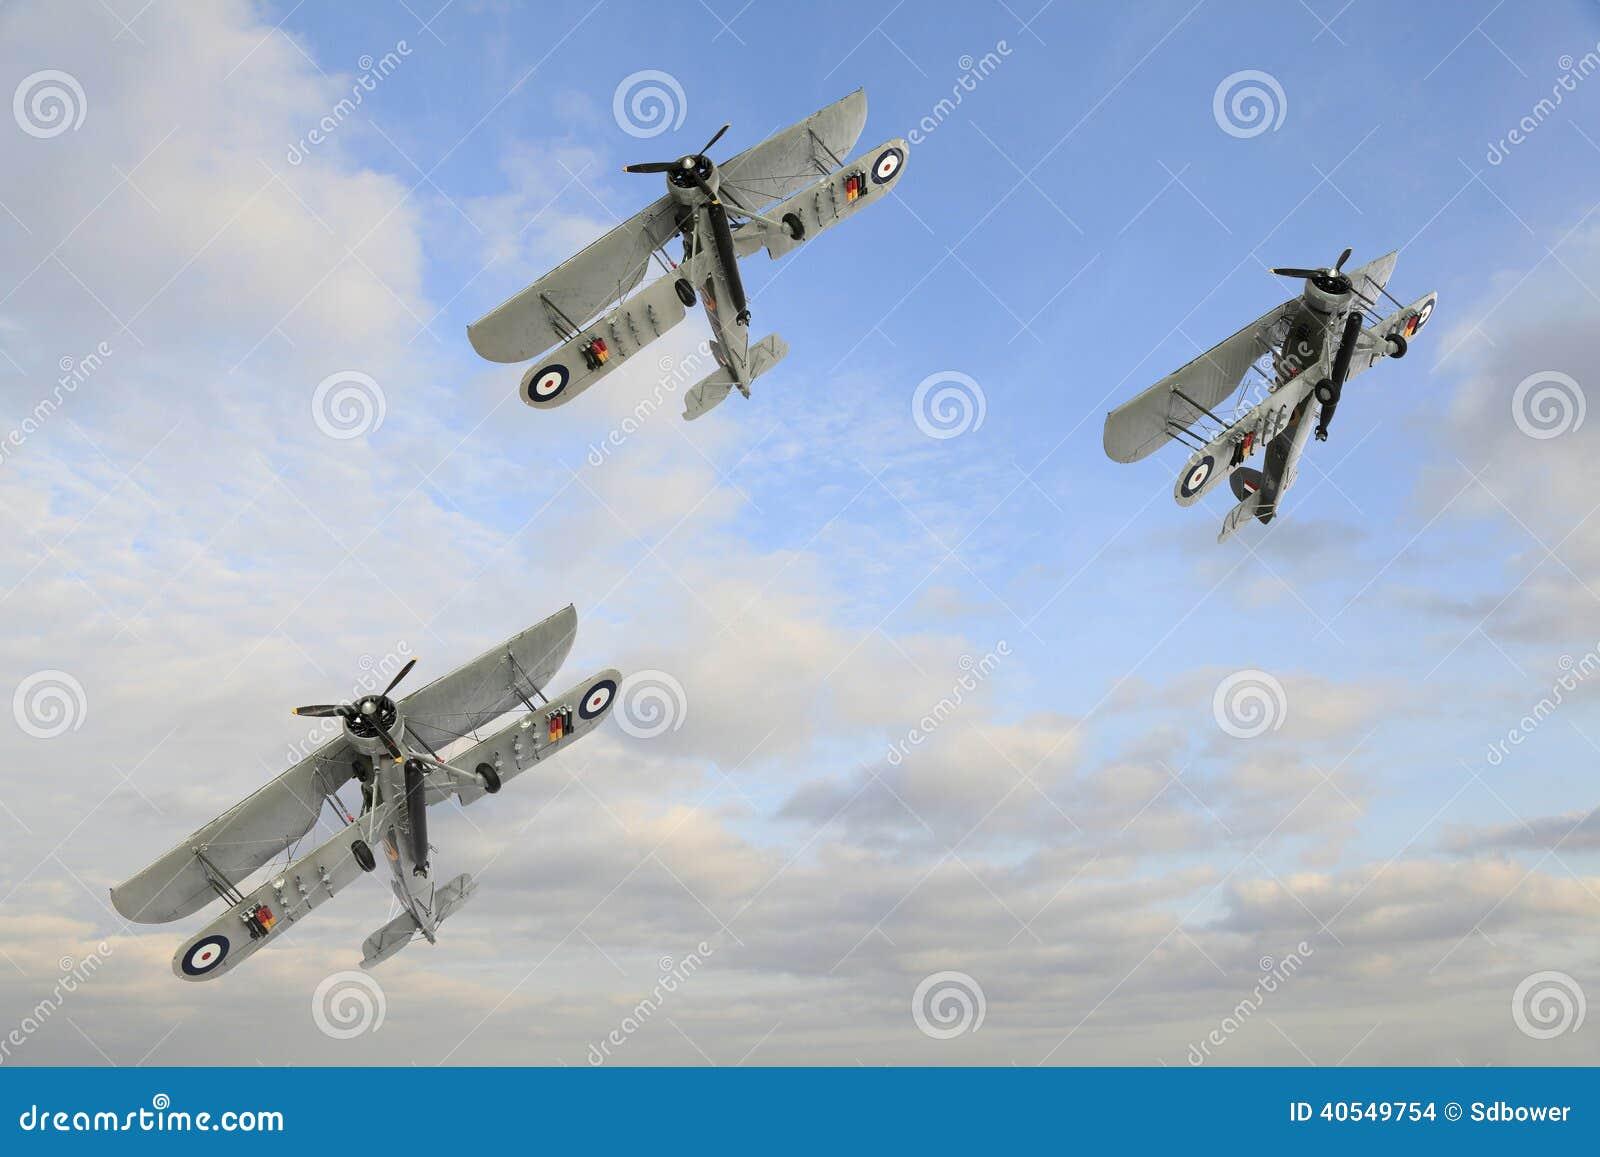 Drie Wereldoorlog Één Armstrong Whitworth FK 8 tweedekkers die Aqro doen